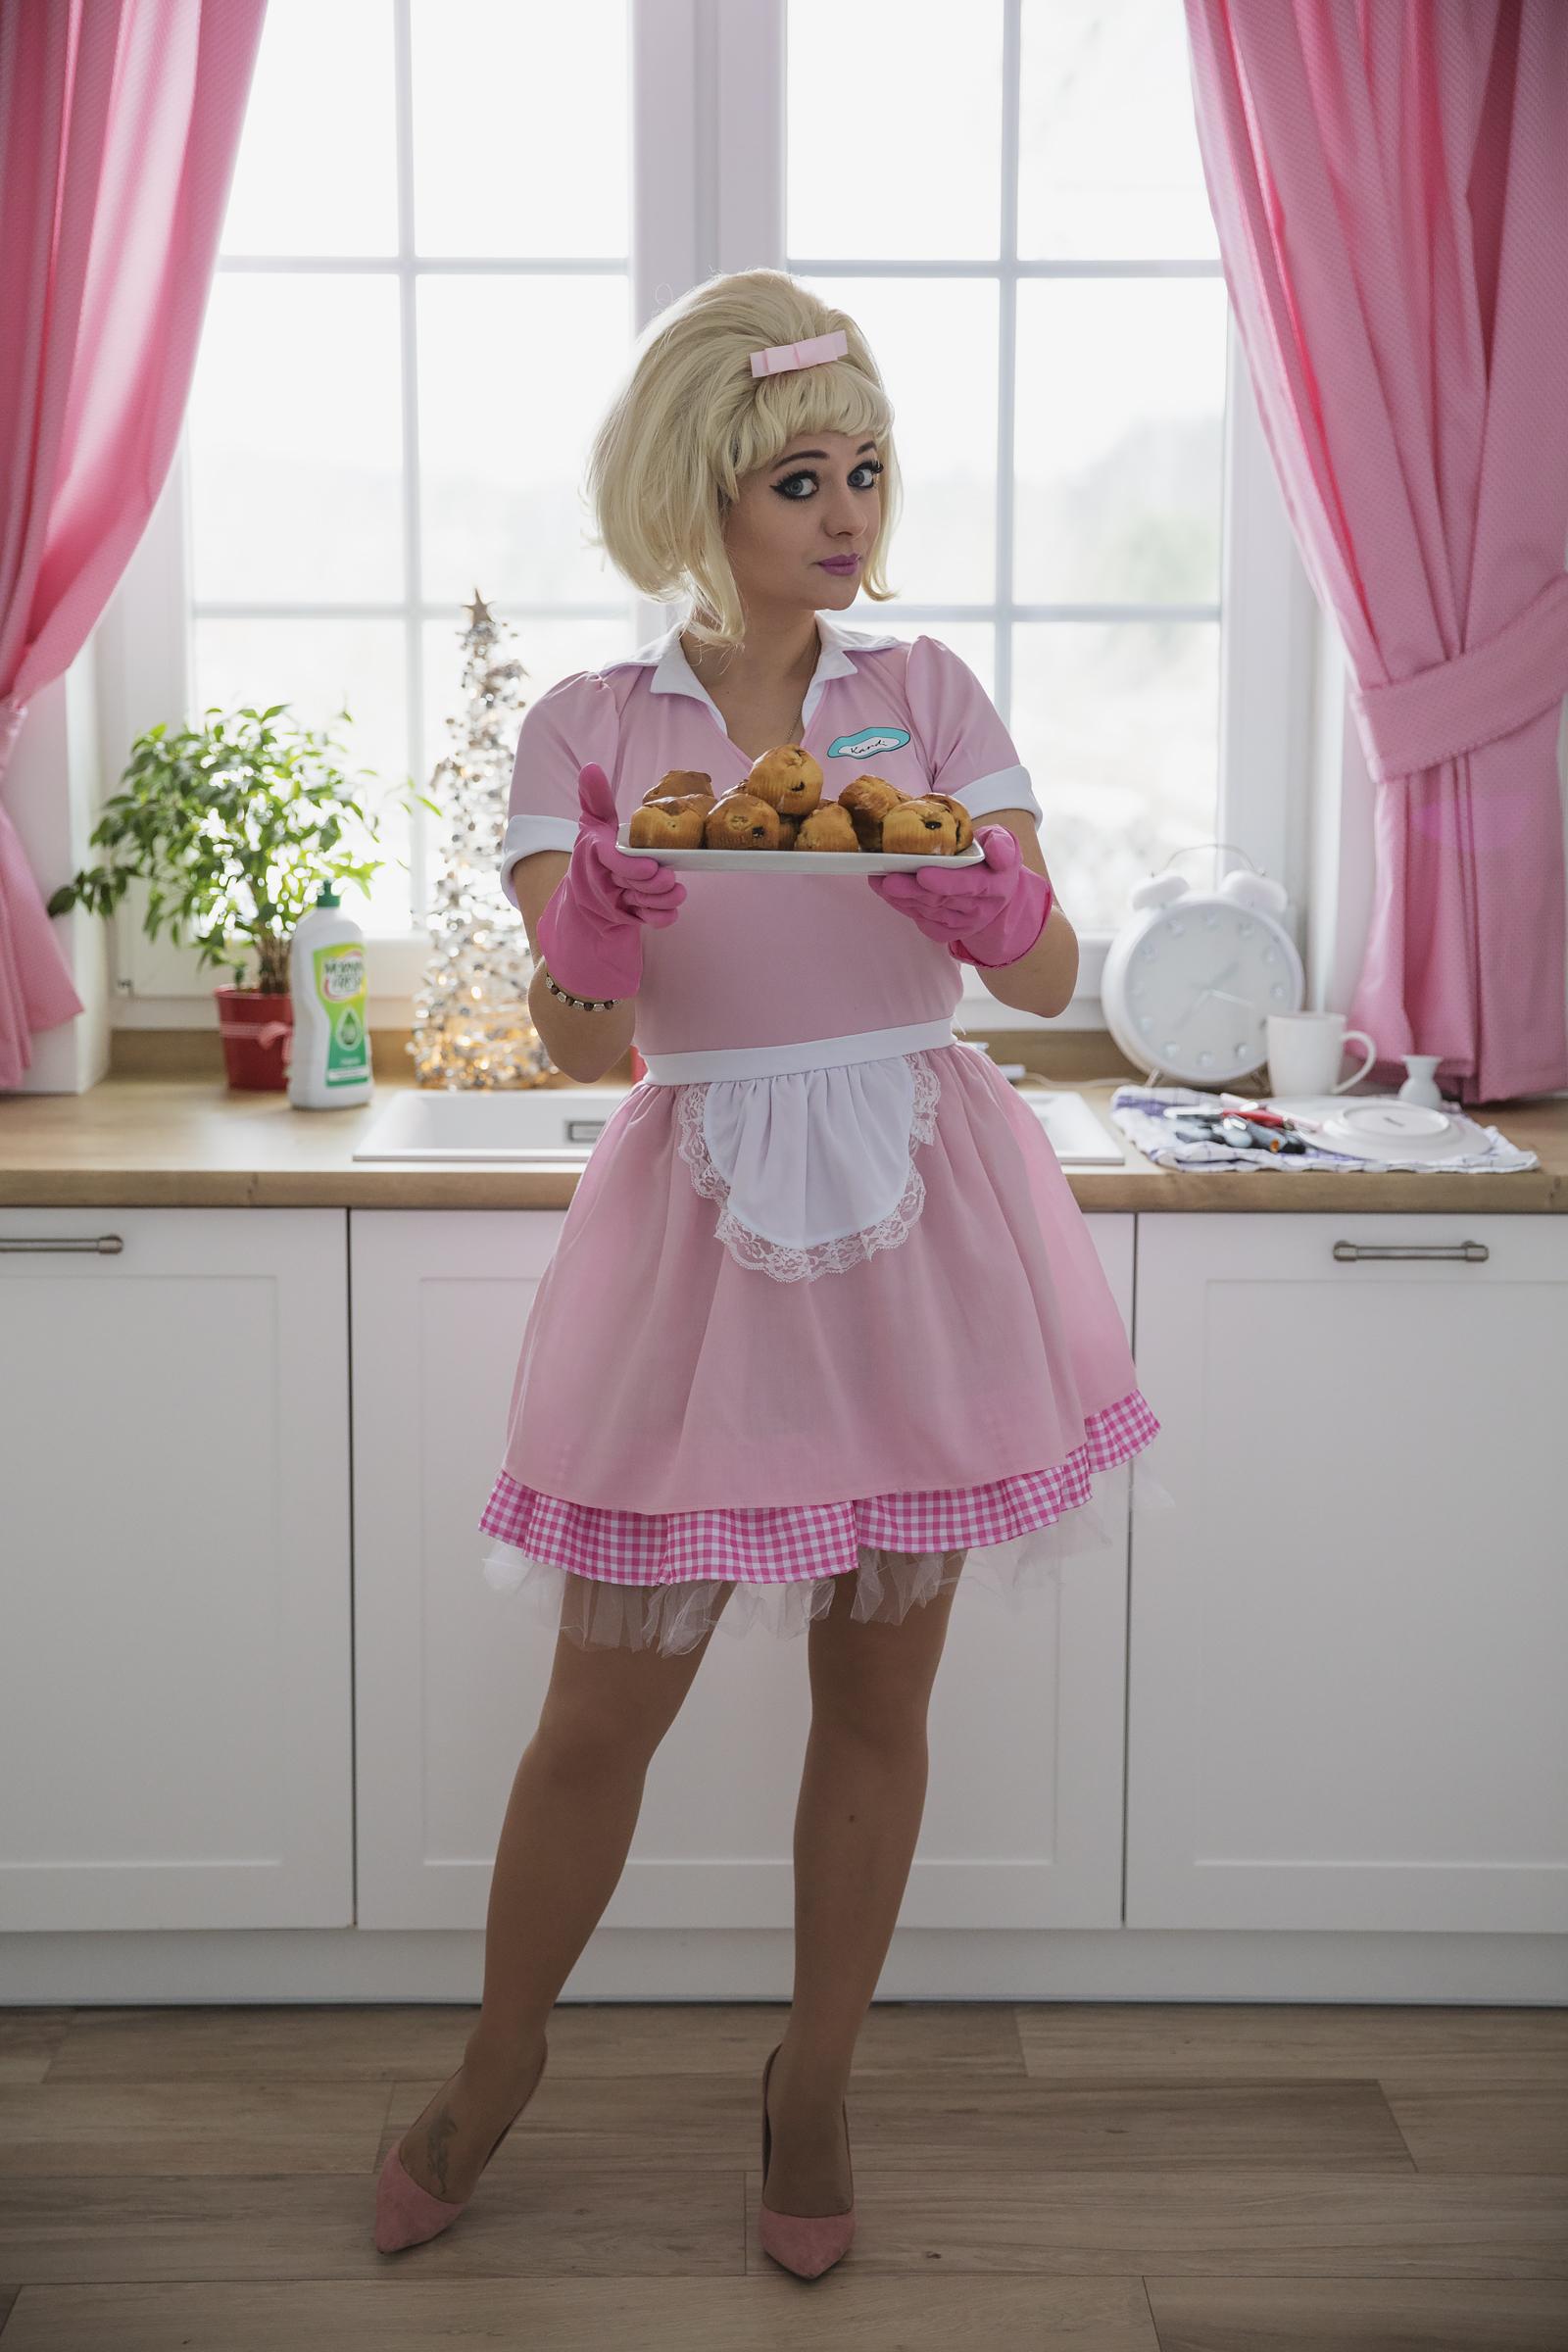 pin-up-girl-retro-blondynka-morning-fresh4